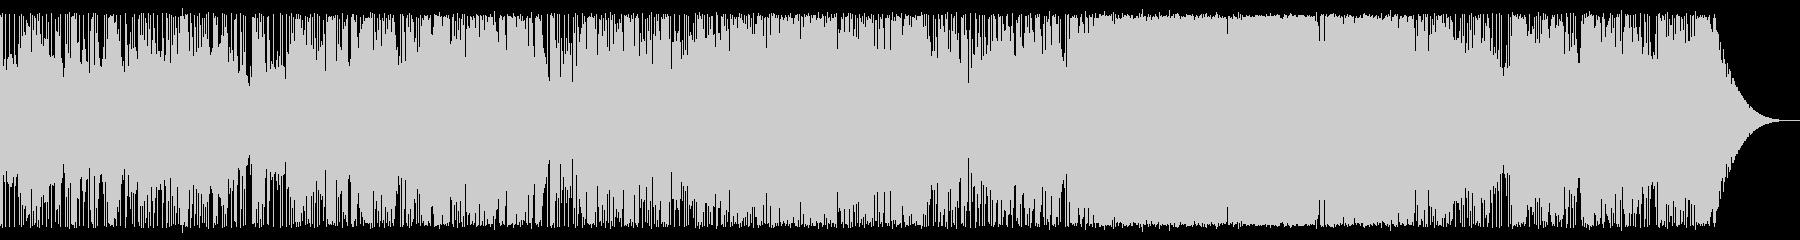 ゆったりとしたアンビエントロックの未再生の波形